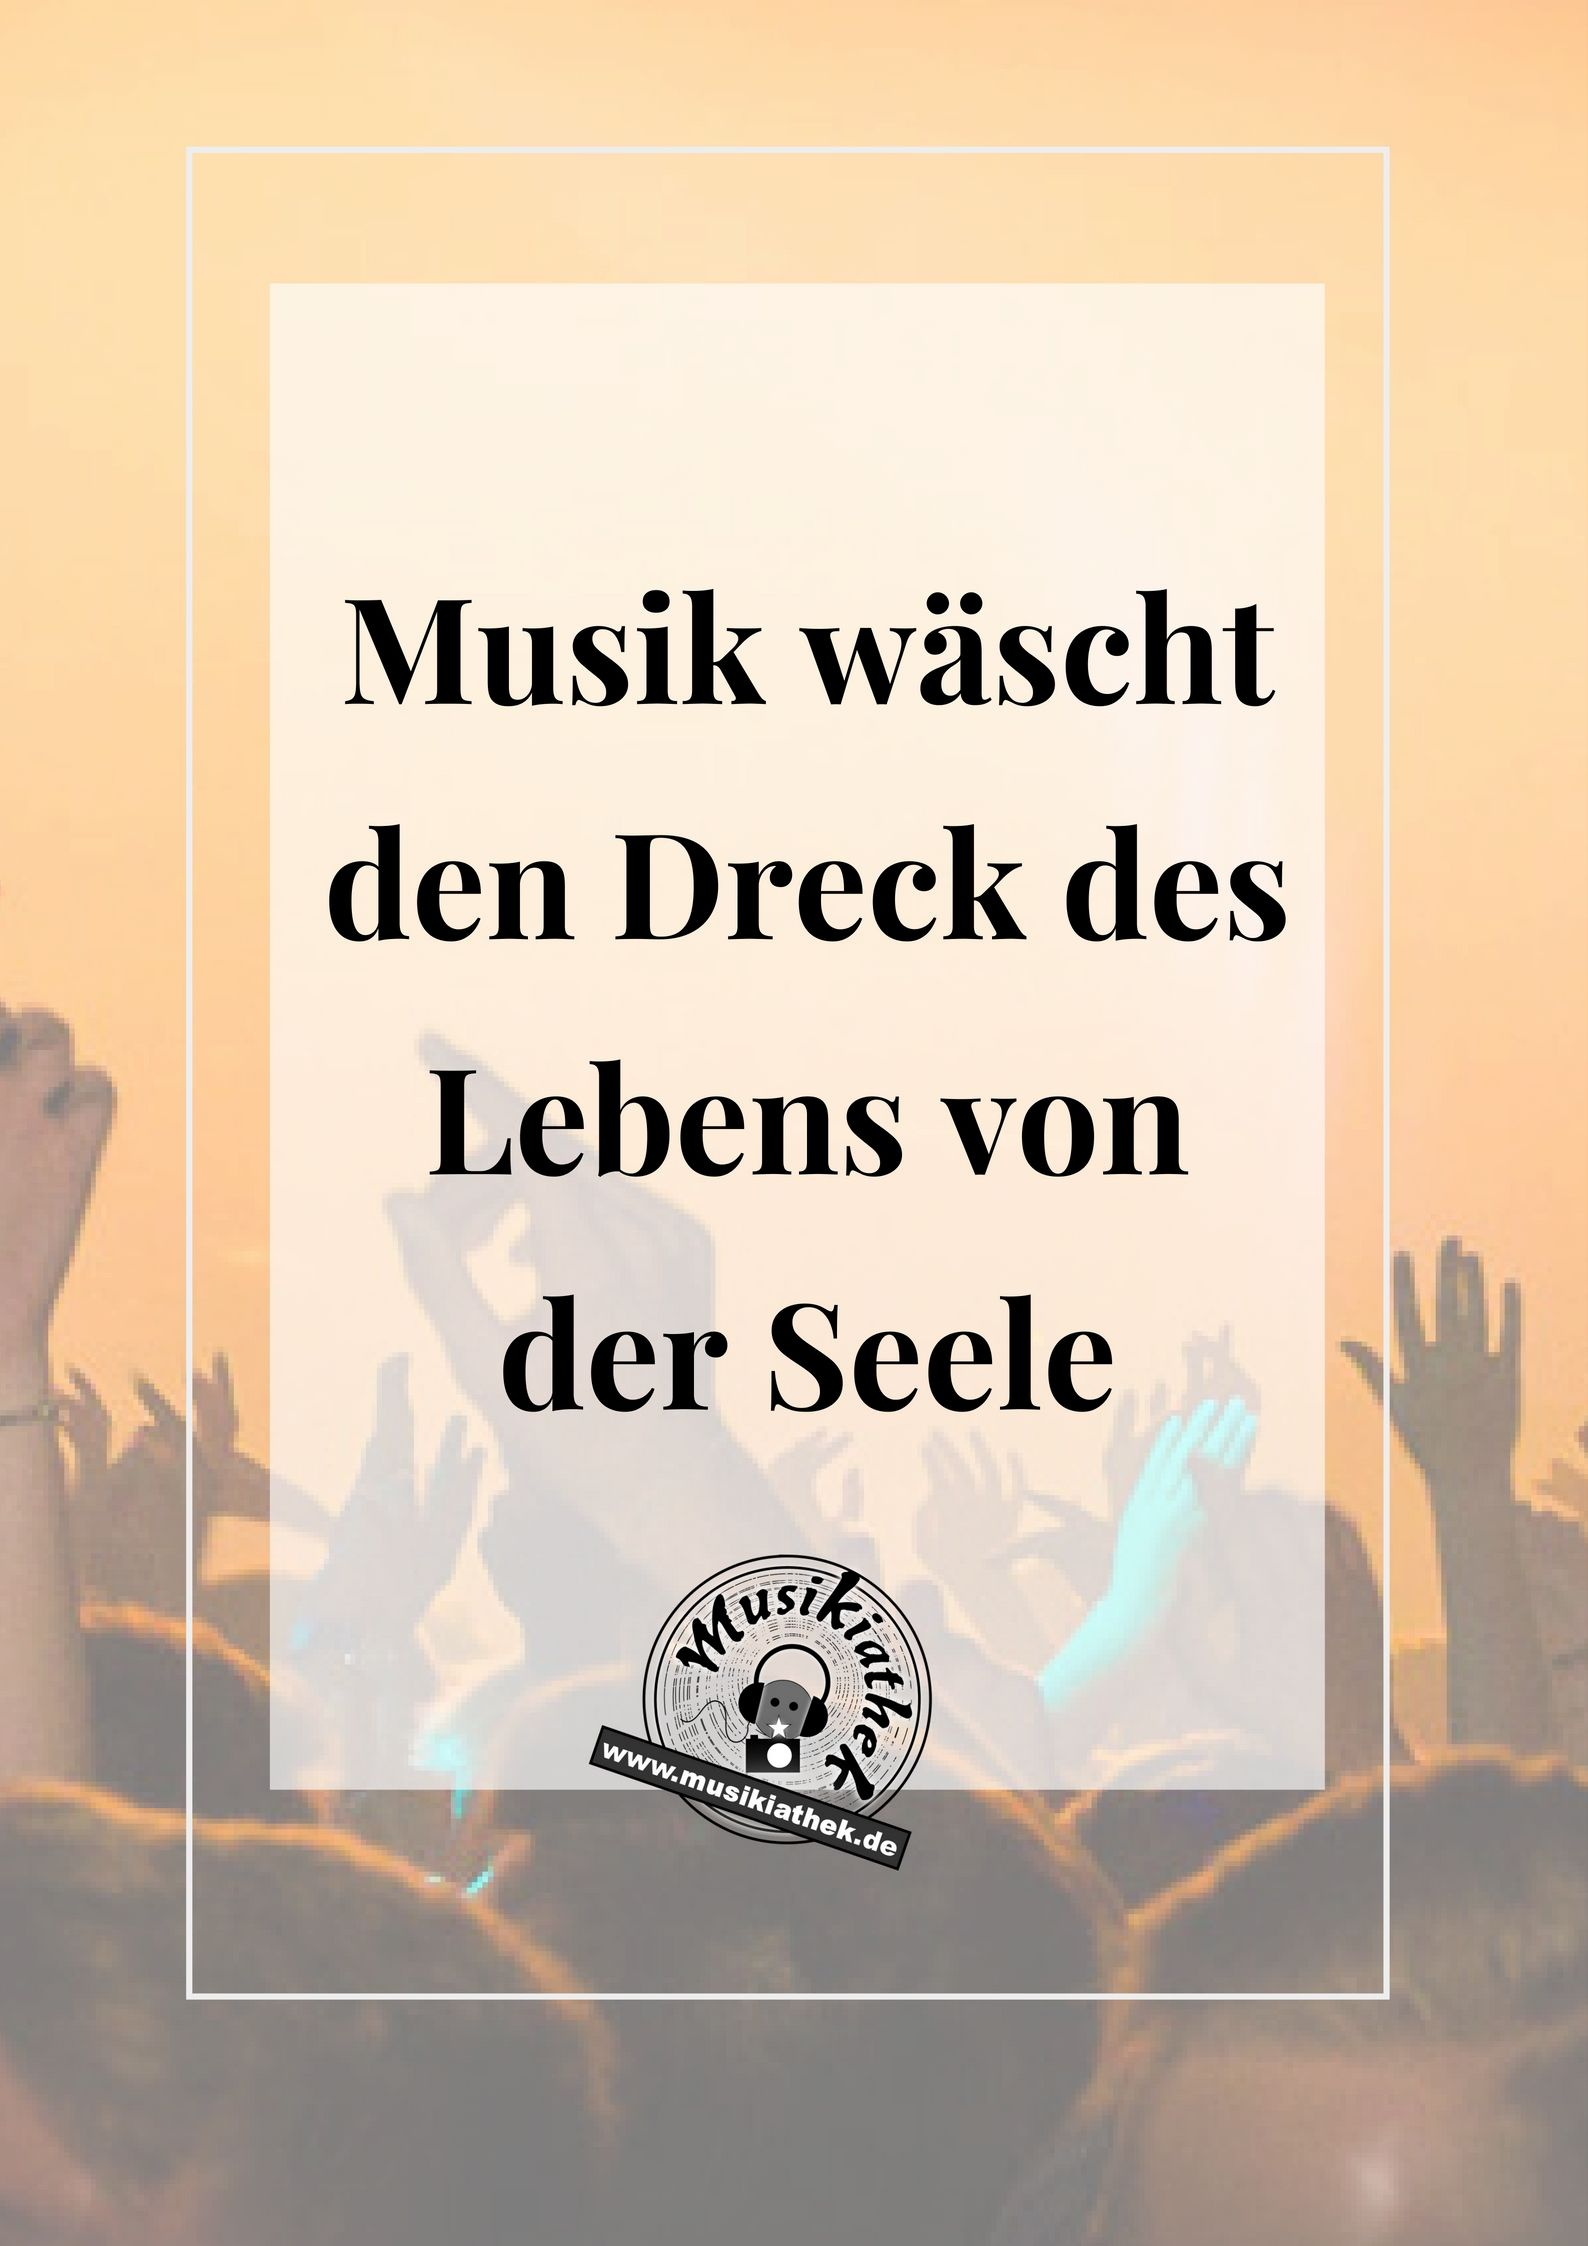 sprüche musik 🎵 Die TOP 7 Musik Sprüche – Teil 2 | Musik Sprüche und Zitate  sprüche musik